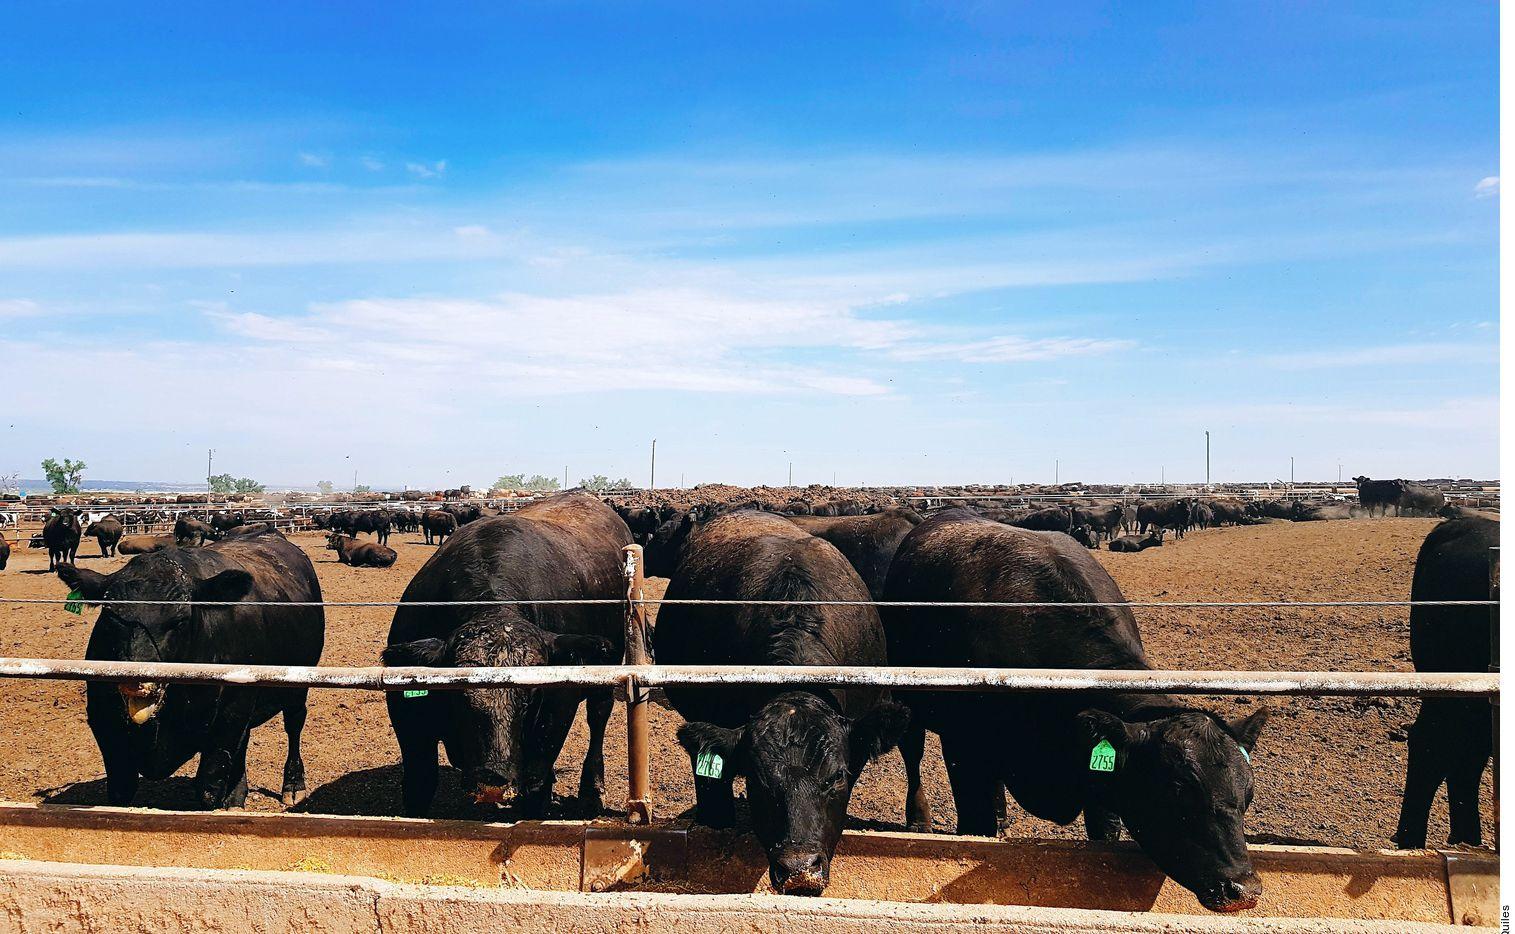 Desde que nace el ganado se le debe de cuidar para que esté bien alimentado.